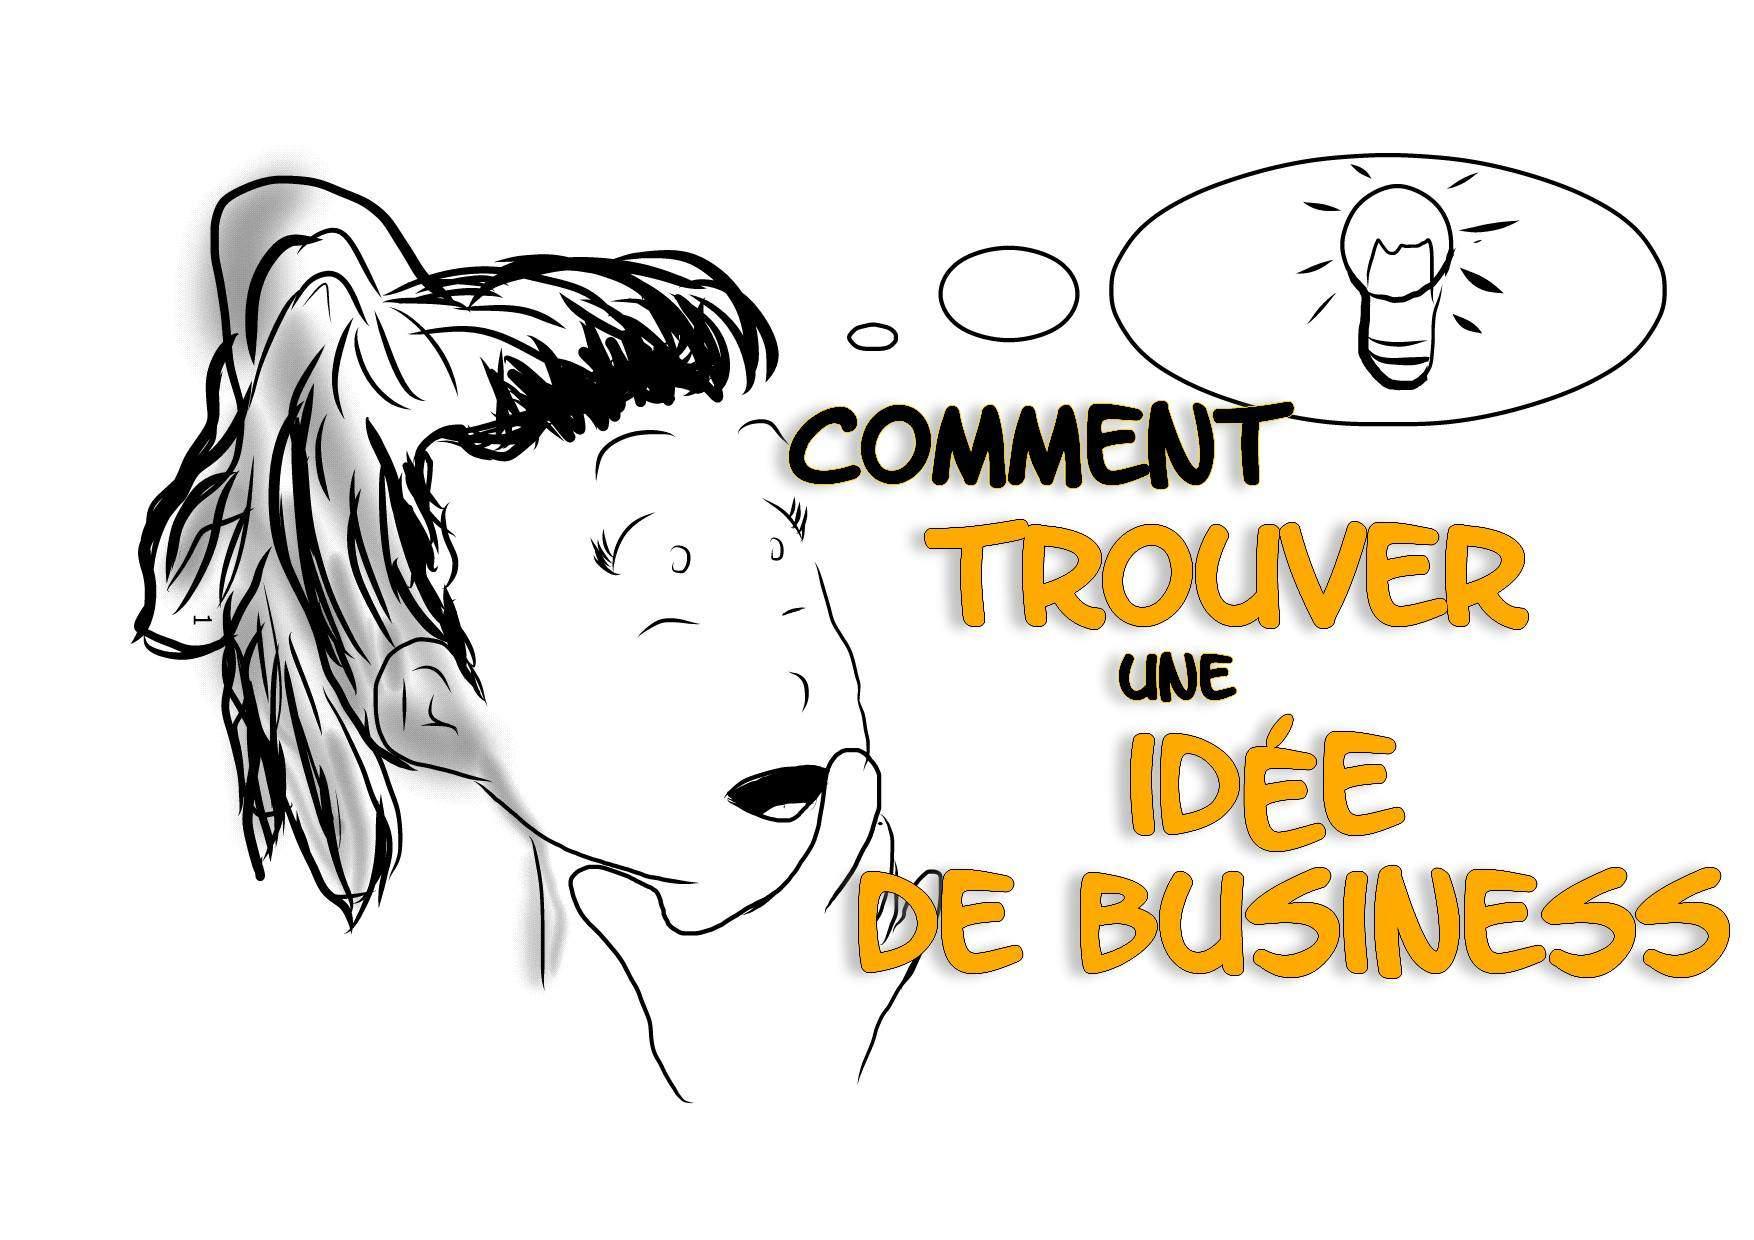 Comment trouver des idées de business, comment trouver une idée, citation idée, image trouver une idée, image trouver idée business, comment trouver une idée de projet professionnel, comment trouver une idée citation